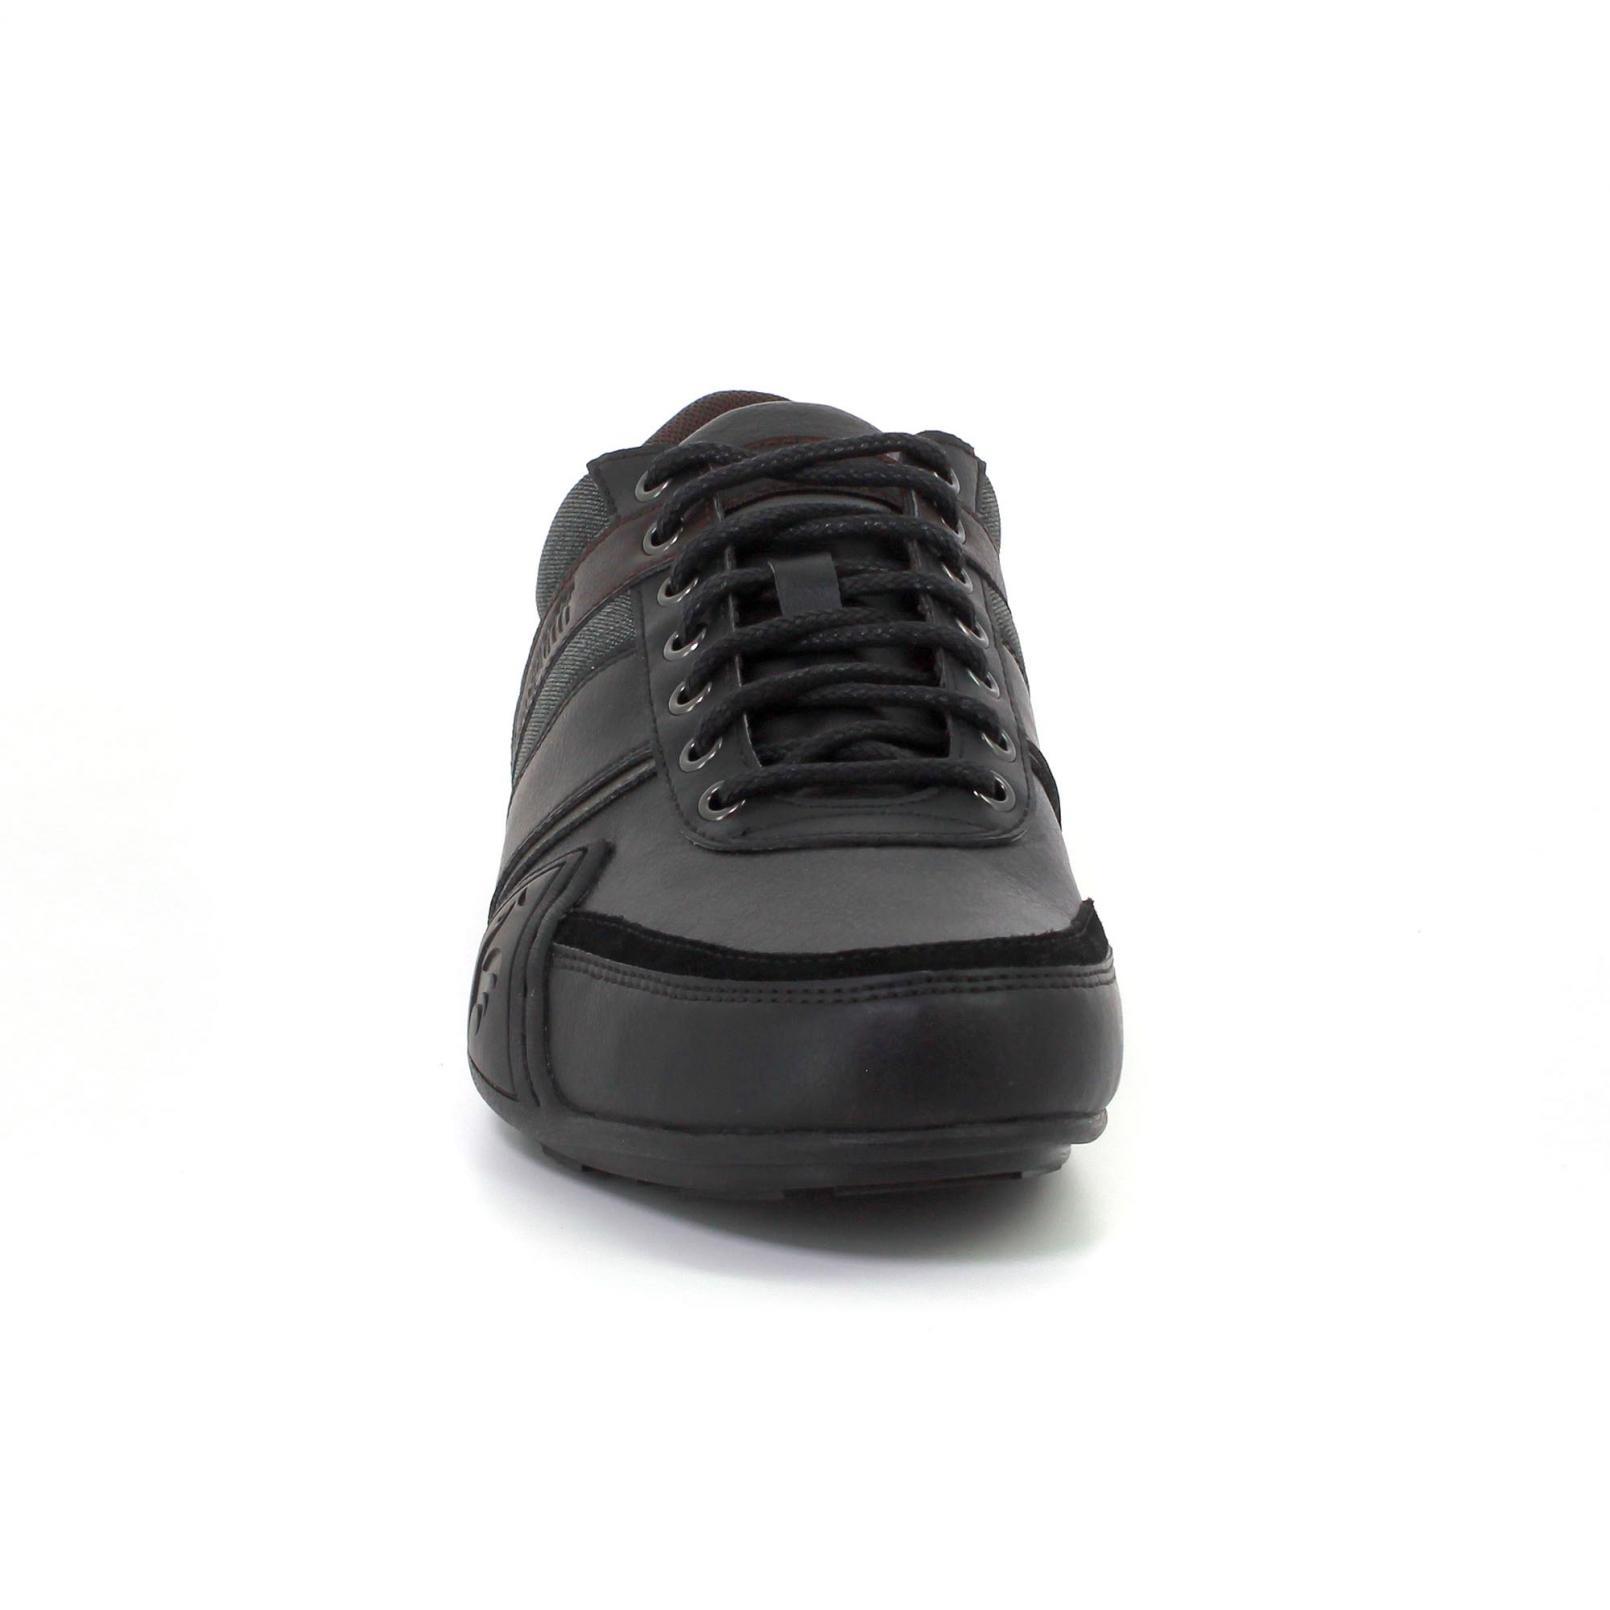 Shoes – Le Coq Sportif Andelot S Lea/2Tones Black/Brown